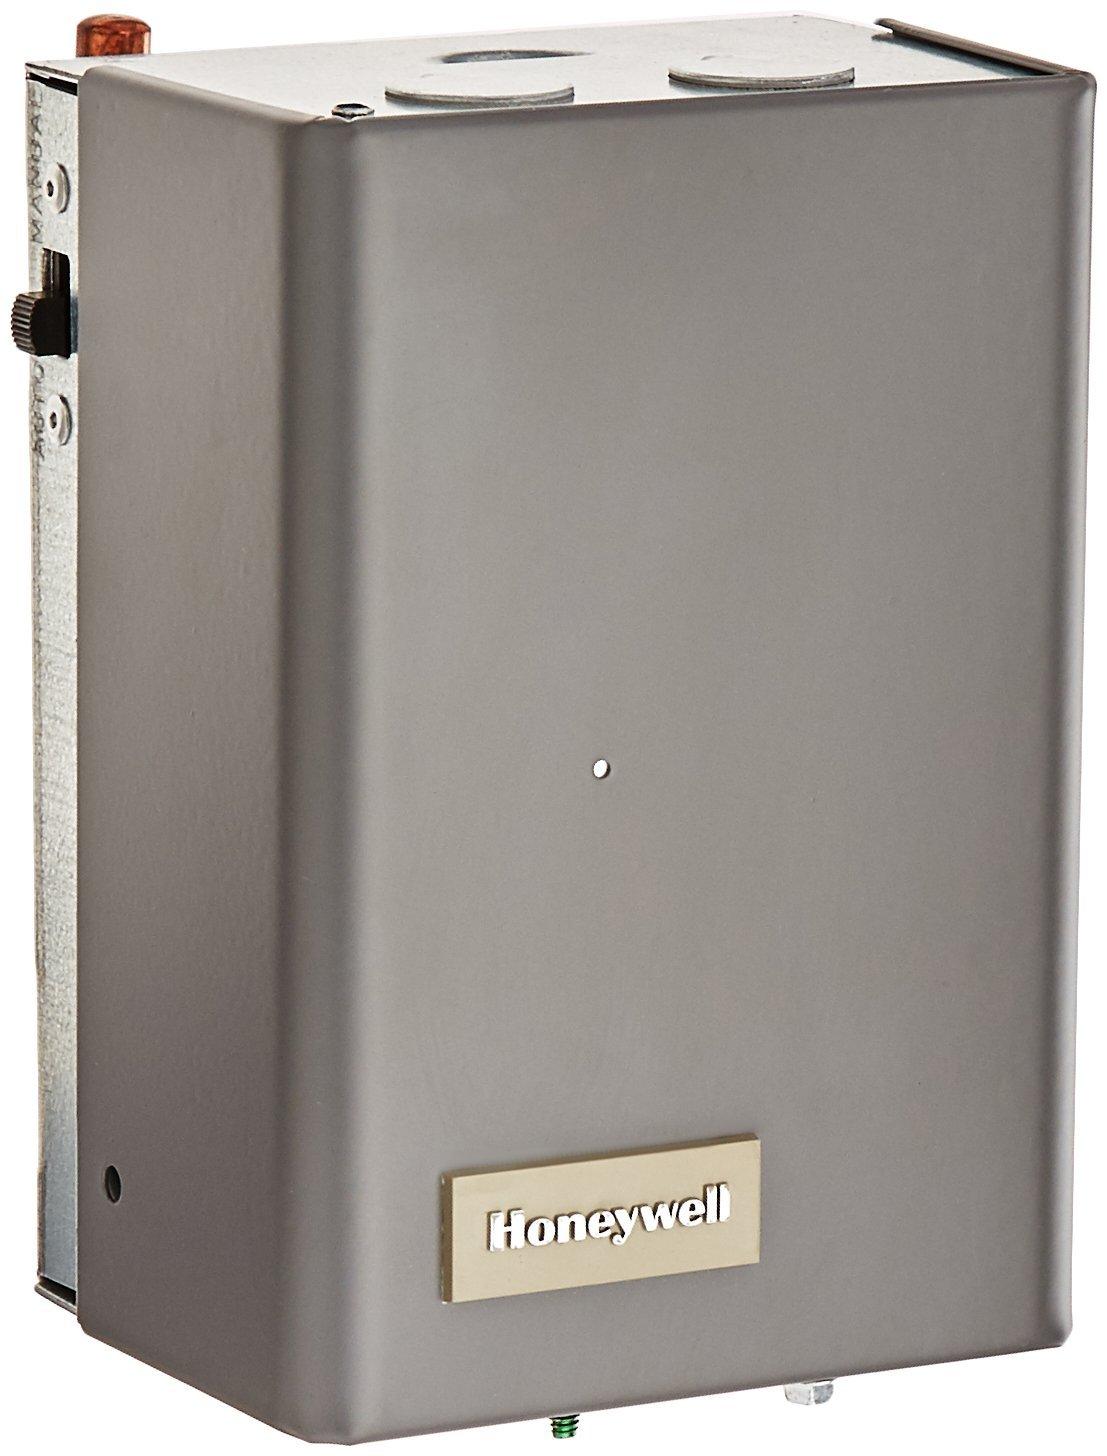 honeywell aquastat amazon comhoneywell l8148j1009 aquastat relay